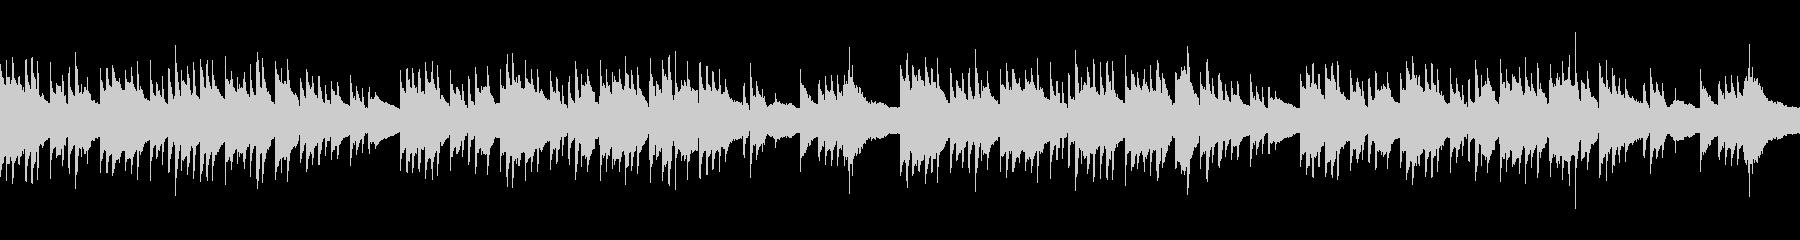 アコギ ノスタルジックなループBGMの未再生の波形